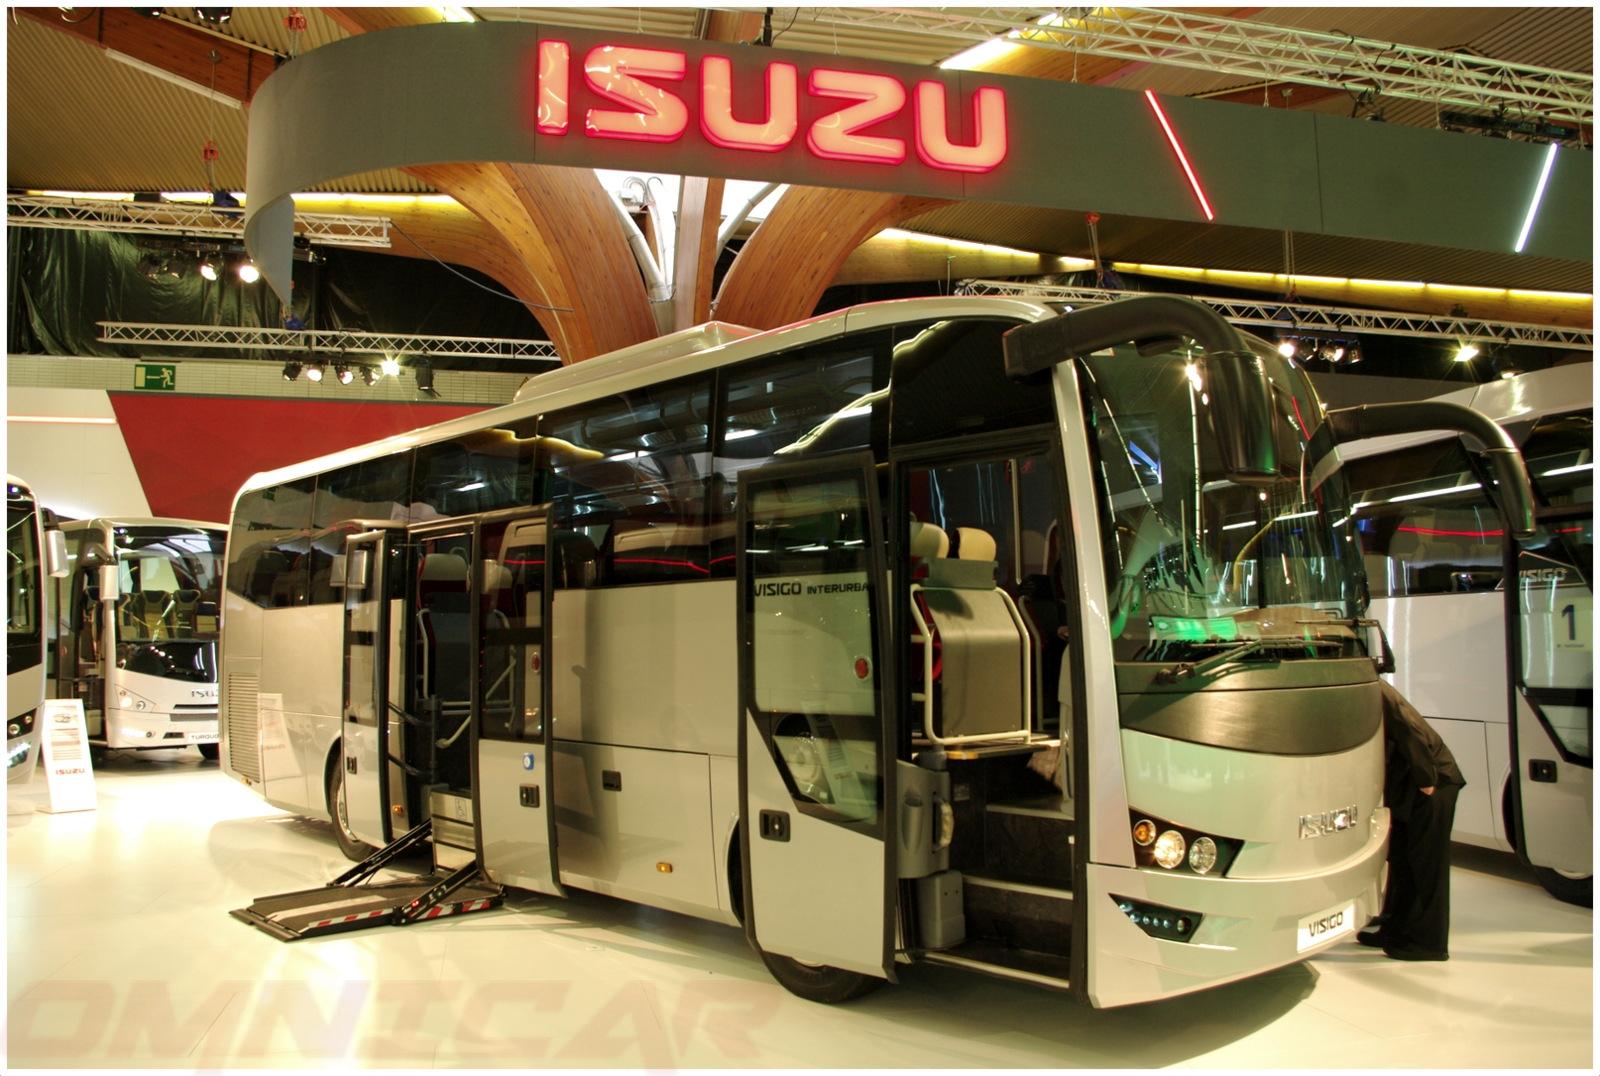 Isuzu Visigo Interurban - 39 Sitzplätze + 10 Stehplätze mittle double turen Omnicar Deutschland